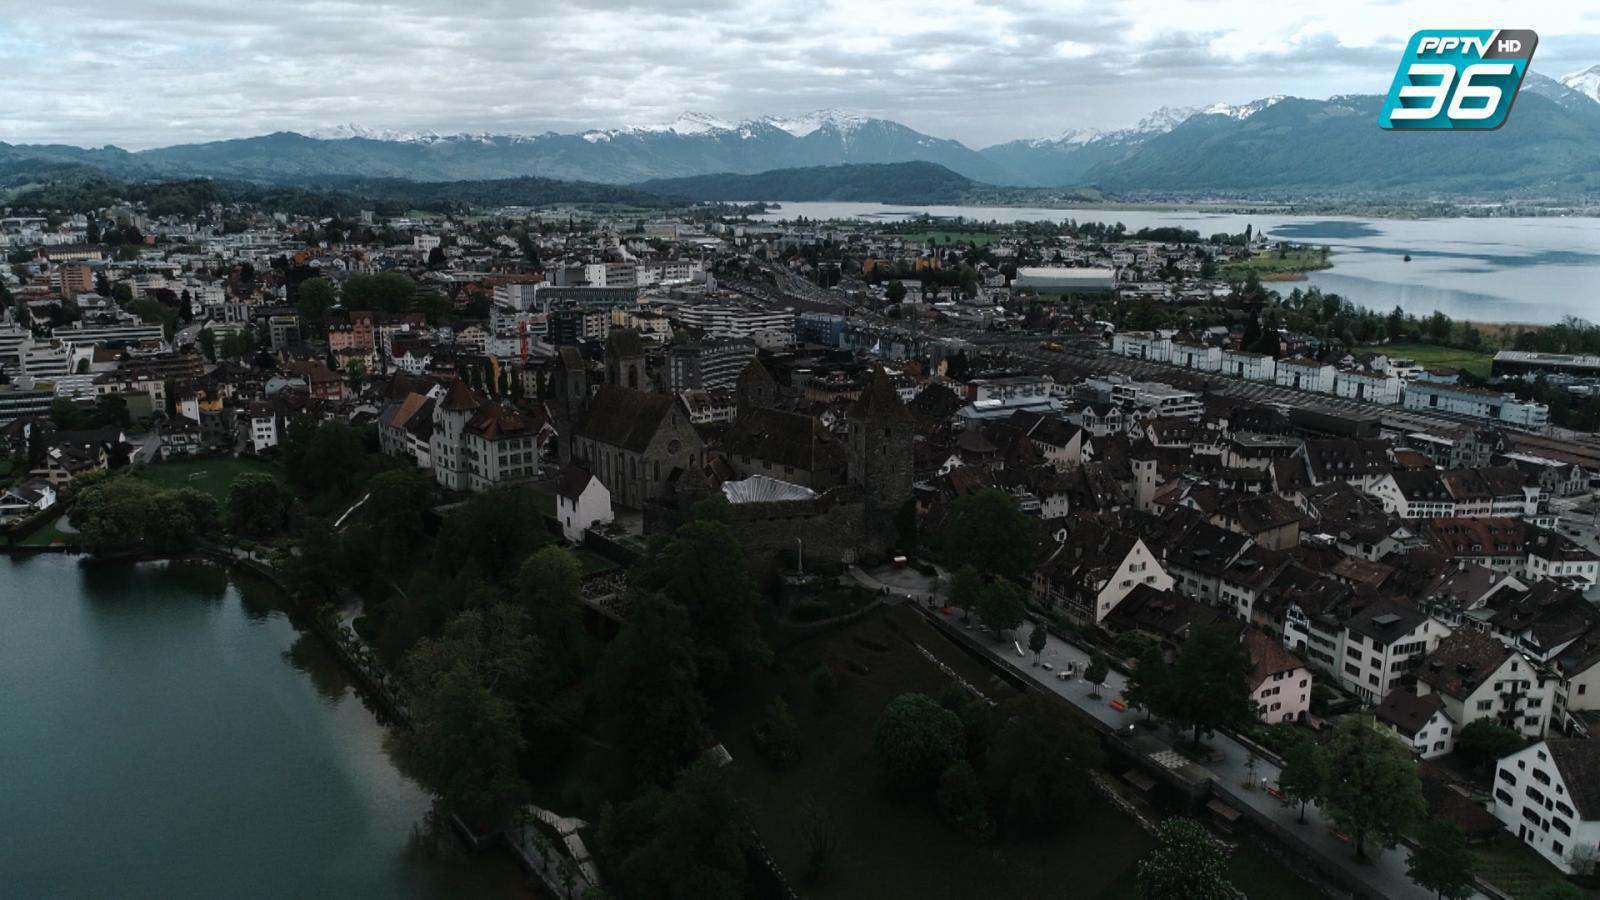 ดูเพลินๆ | เที่ยว Rapperswil เมืองแห่งดอกกุหลาบ | เที่ยวให้สุด สมุดโคจร EP.3